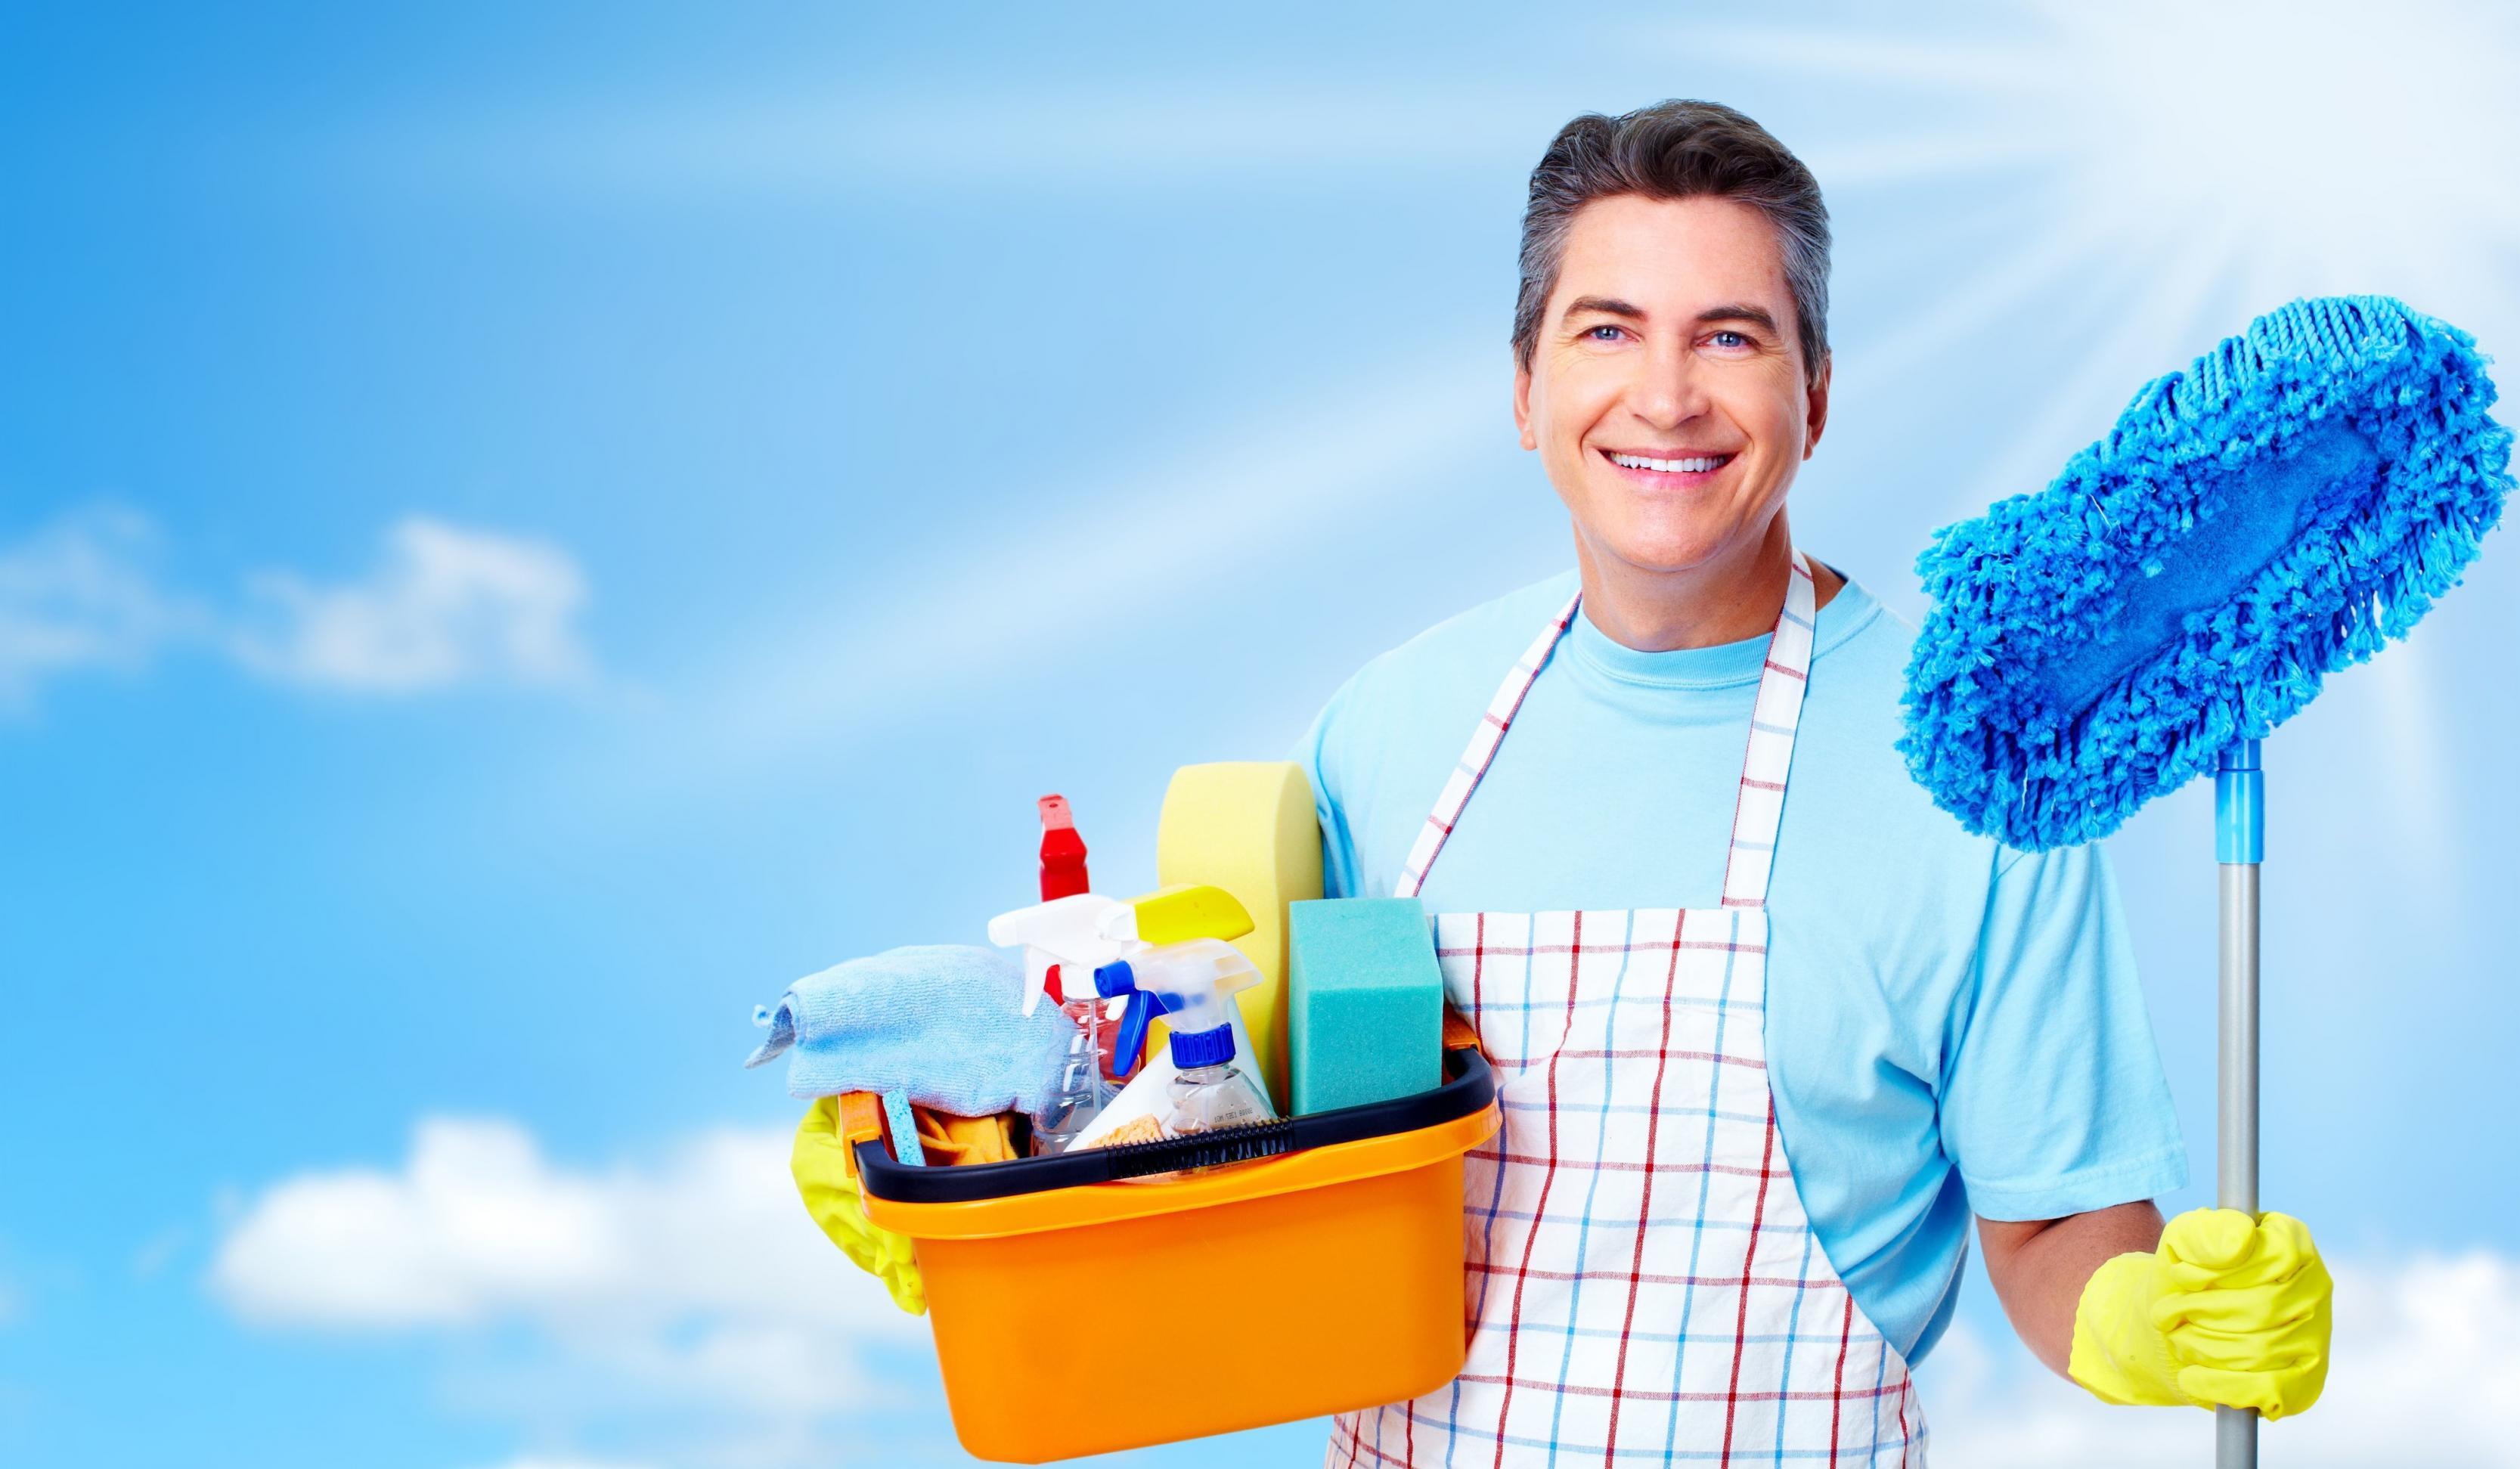 صور شركة تنظيف بالطائف , افضل شركات تنظيف فلل و منازل بالطائف